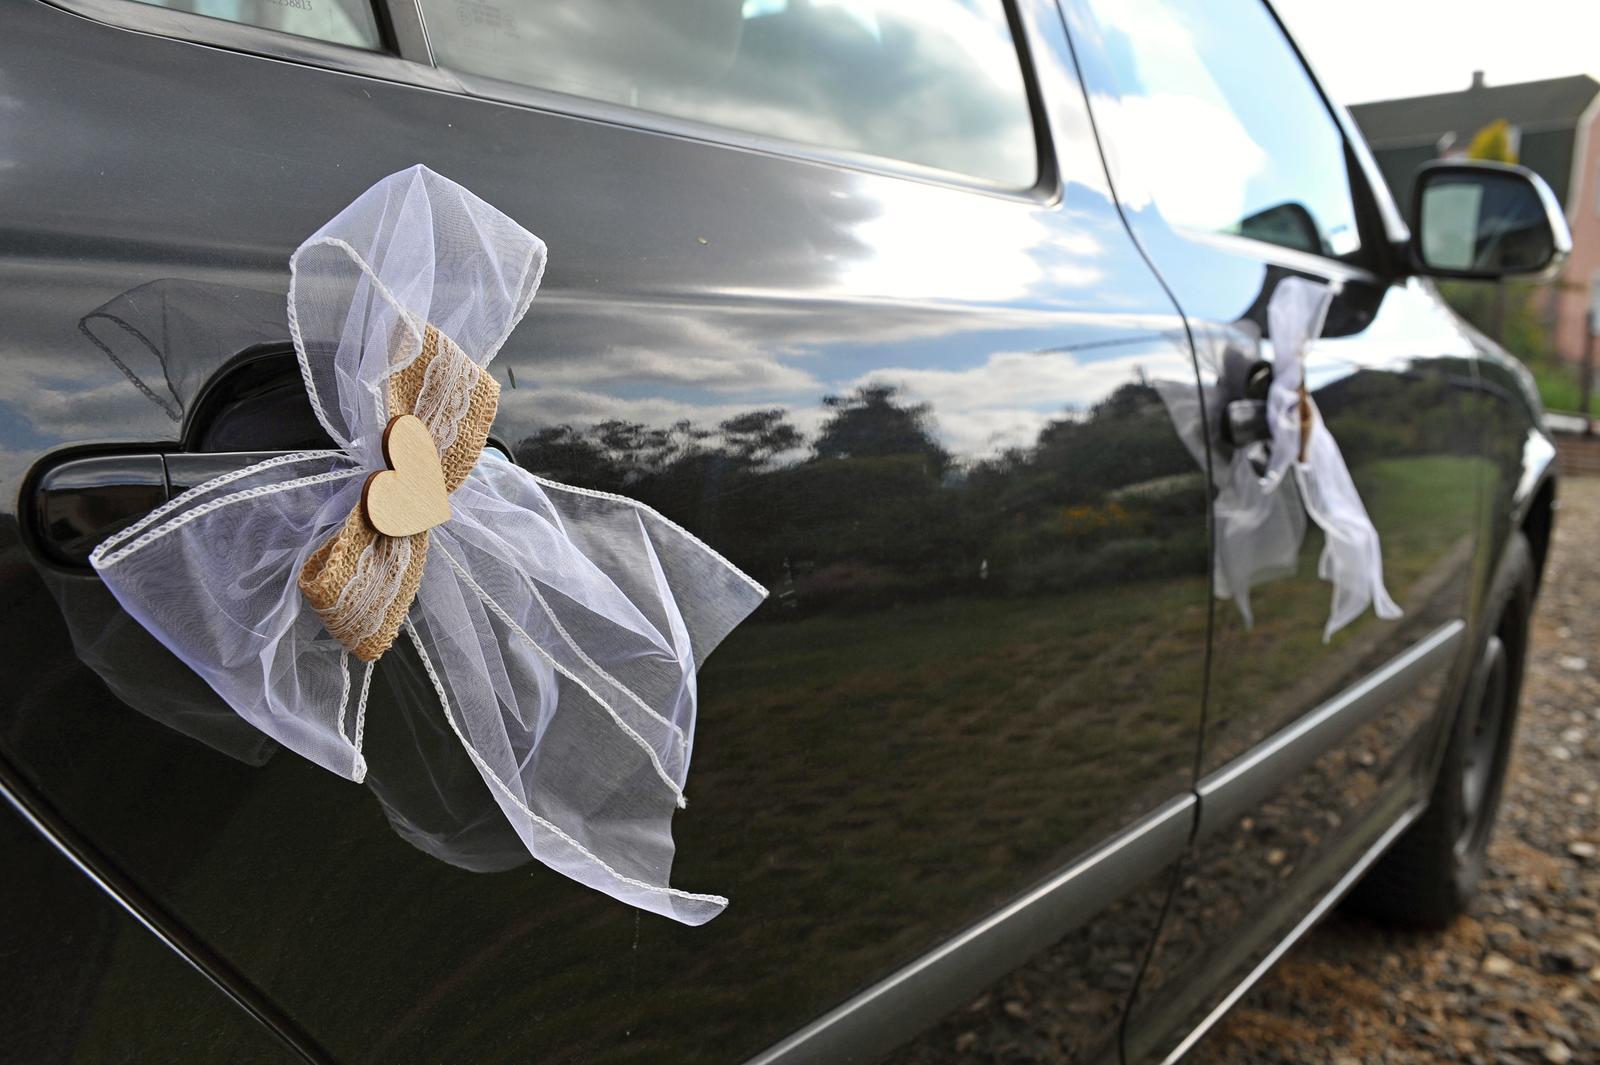 Dekorace na auta (juta) - Obrázek č. 1